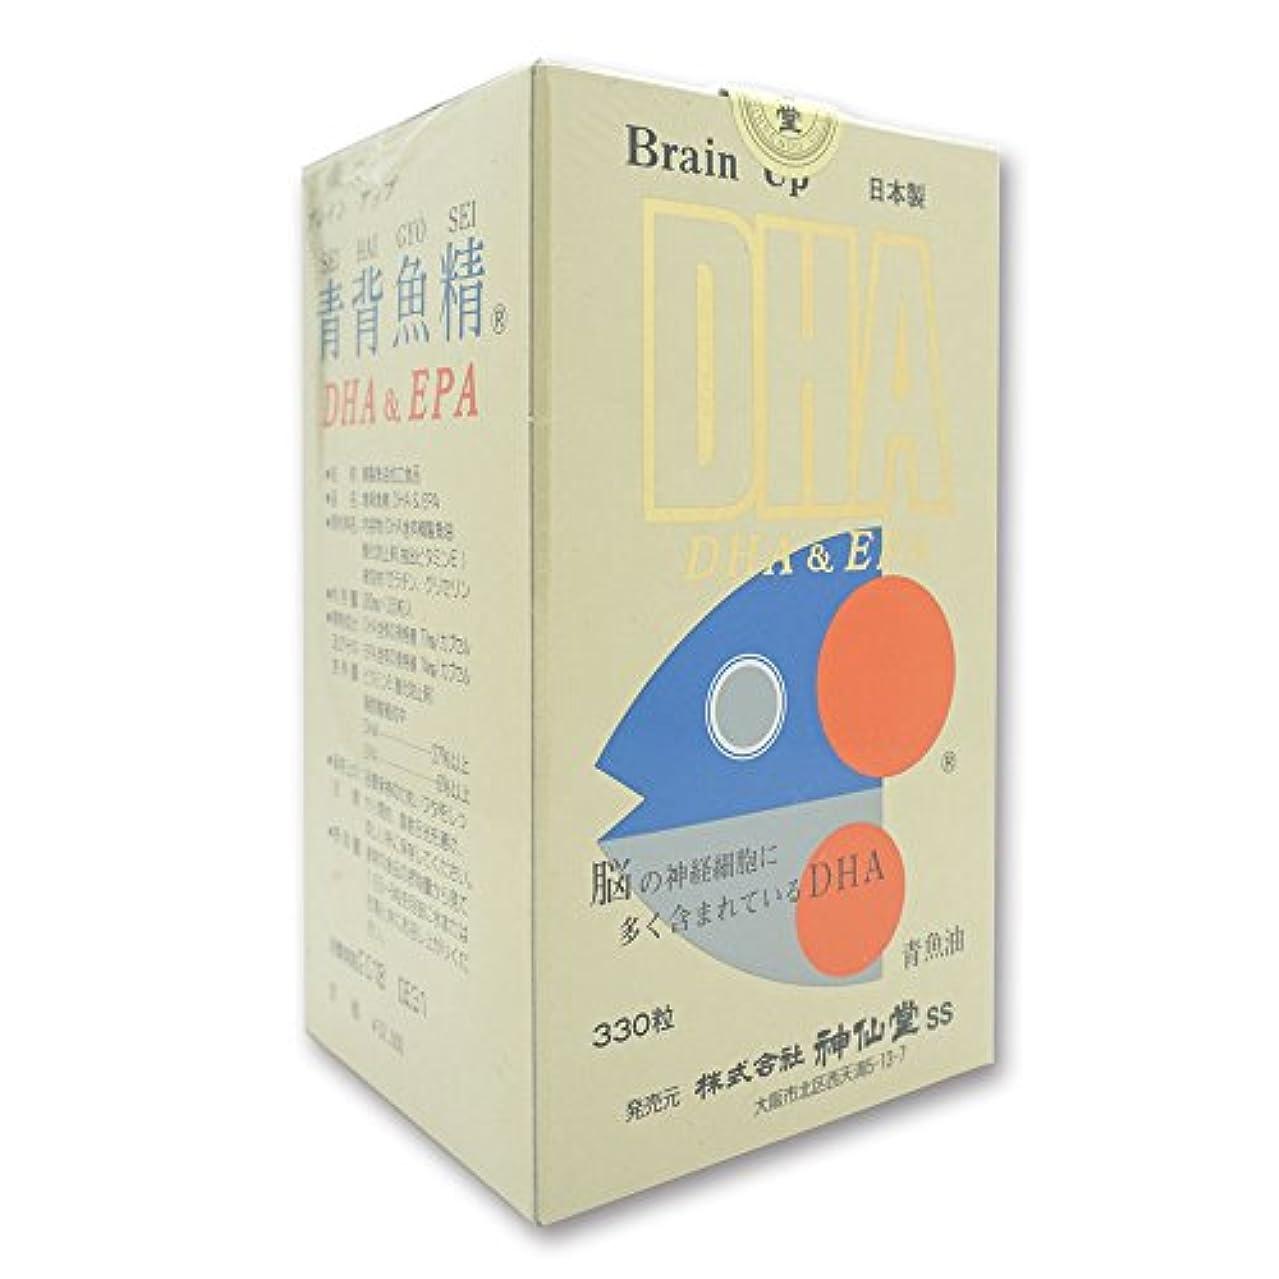 独立した毎回取り出す神仙堂 青背魚精 DHA&EPA 330粒 精製魚油加工食品